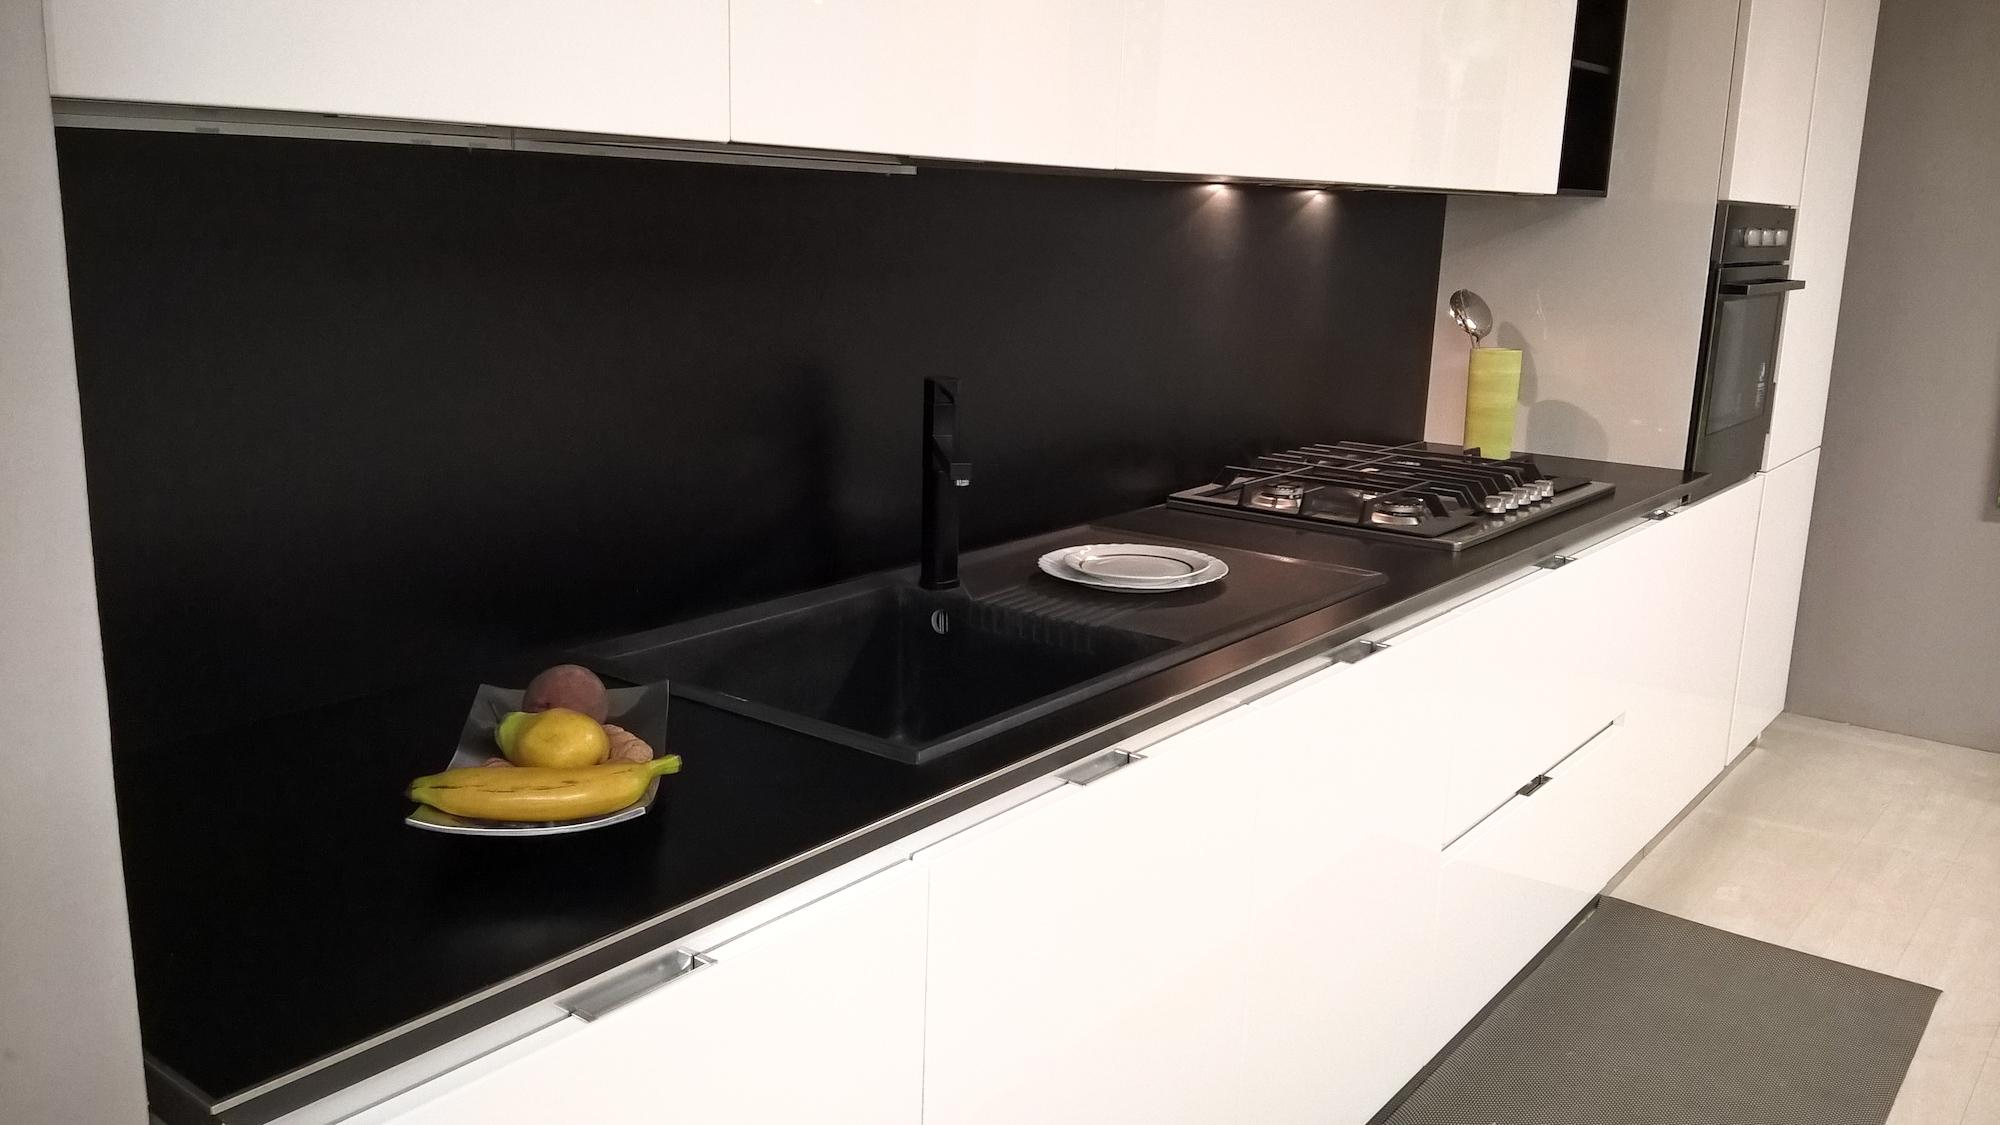 Cucina bianca lucida con schienale e pensili a giorno in promozione cucine a prezzi scontati - Cucina bianca lucida ...